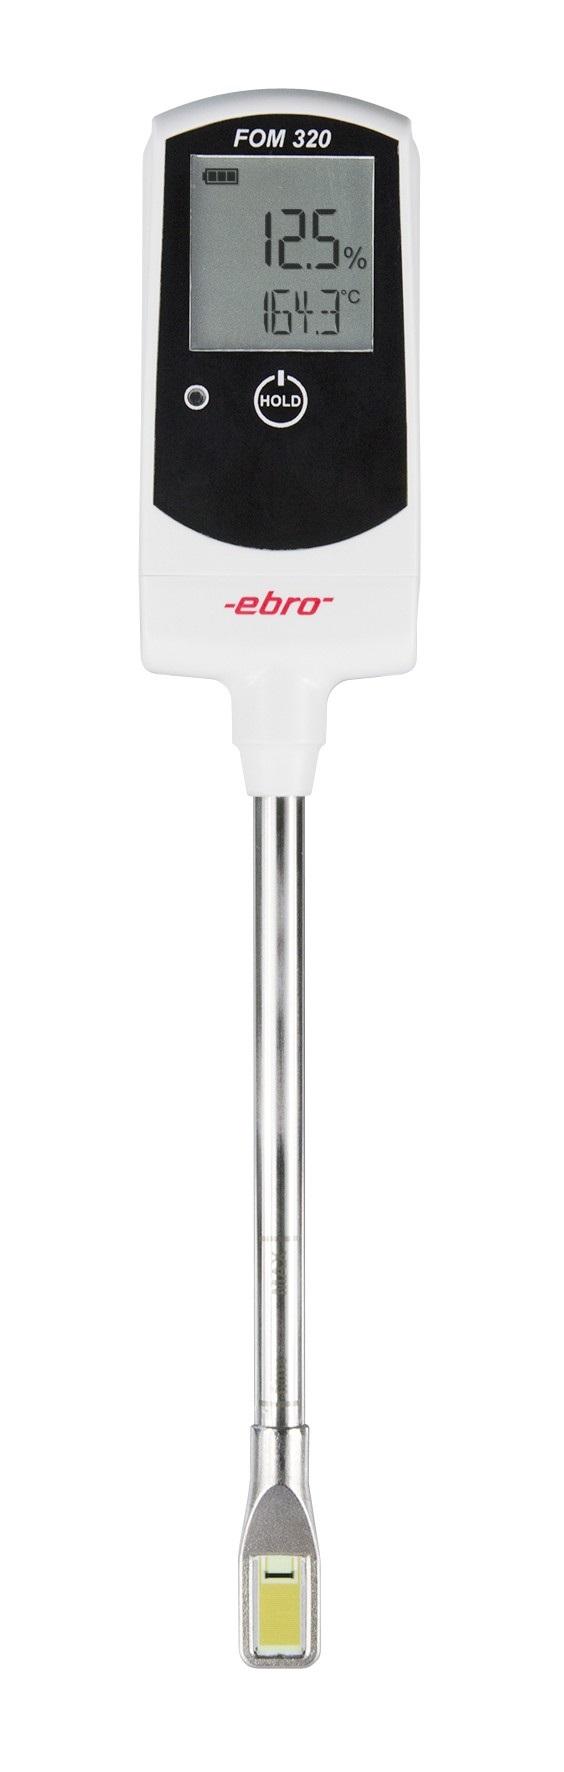 Máy đo chất lượng/ nhiệt độ dầu chiên FOM320